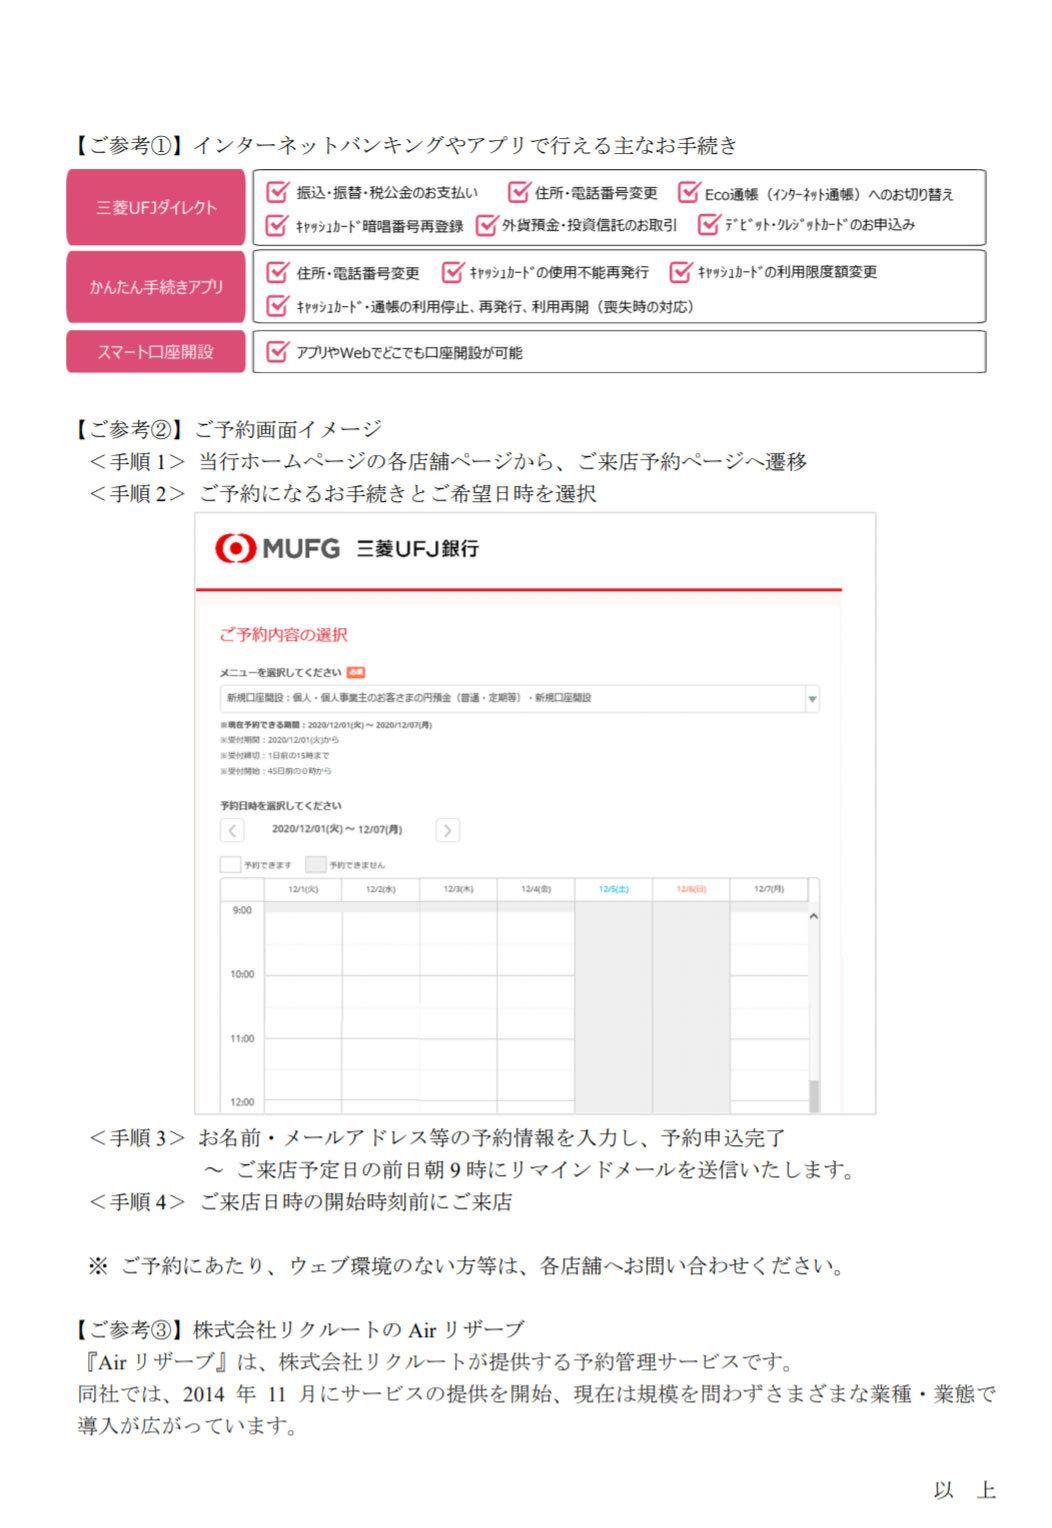 Ufj 一覧 三菱 コード 銀行 支店